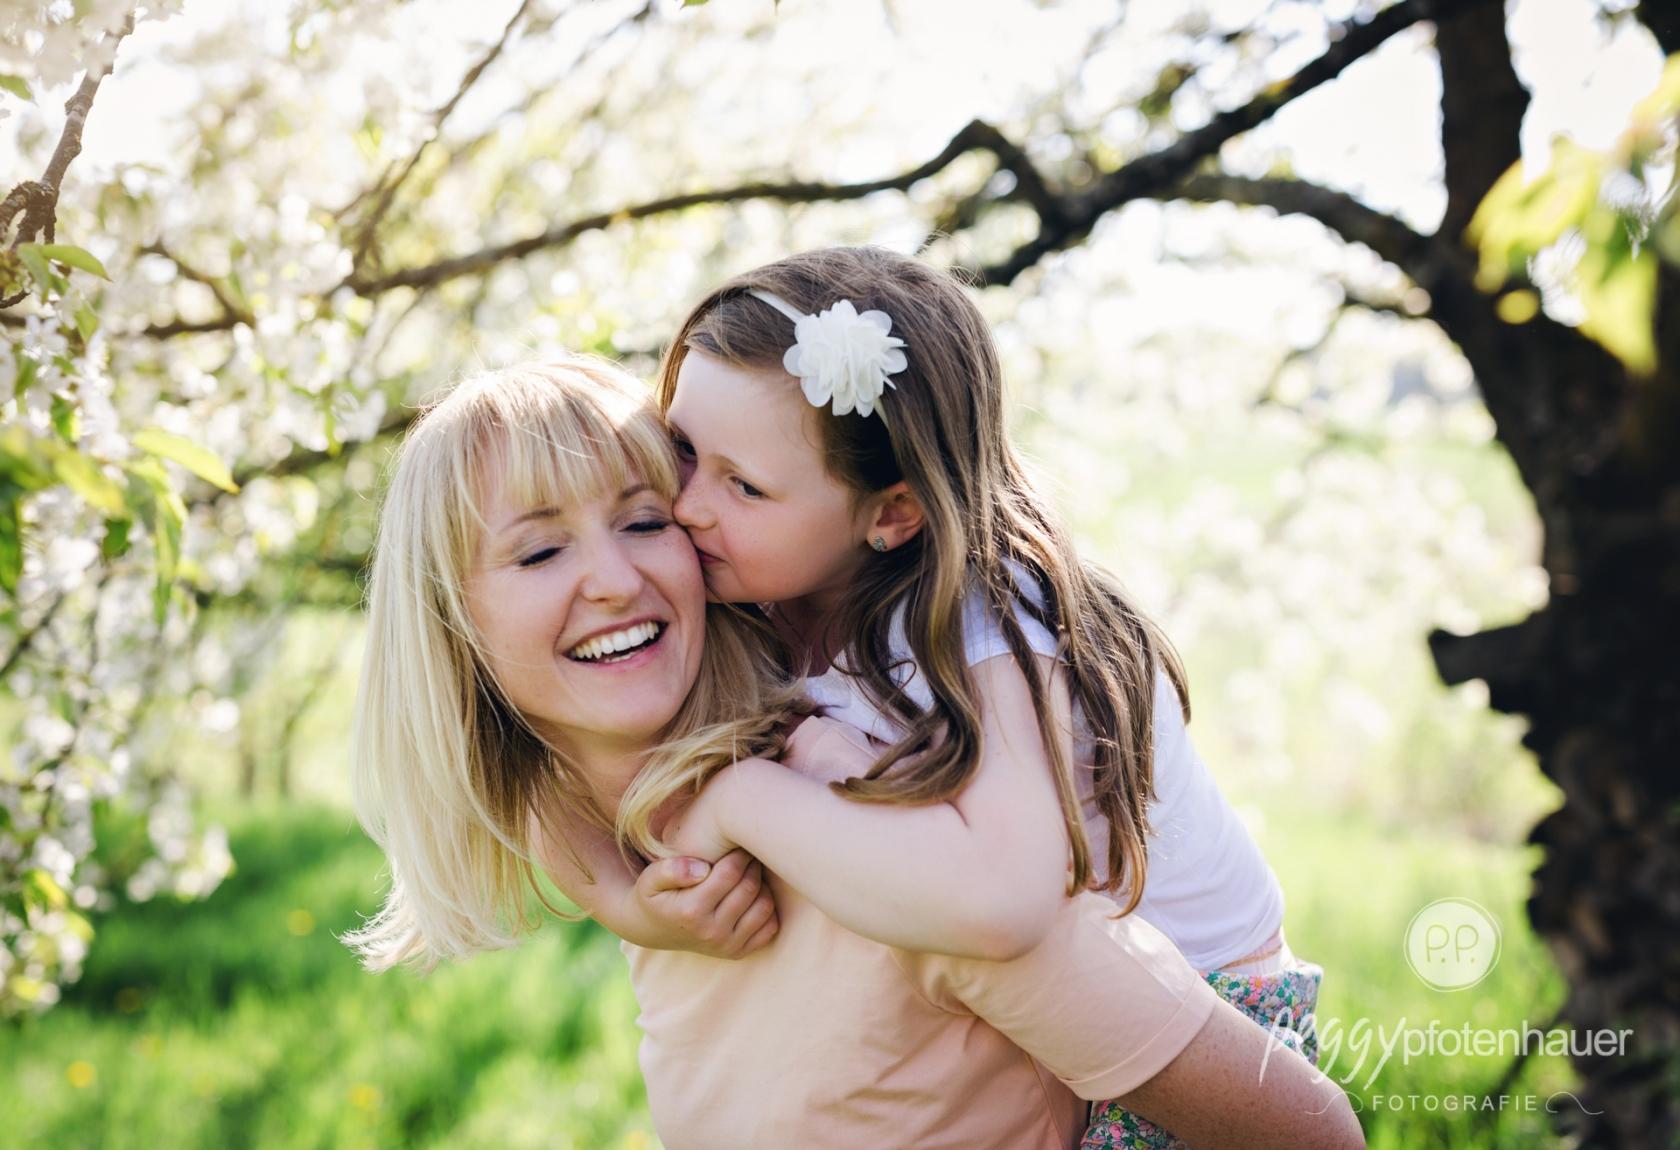 Familienfotografie in der Natur